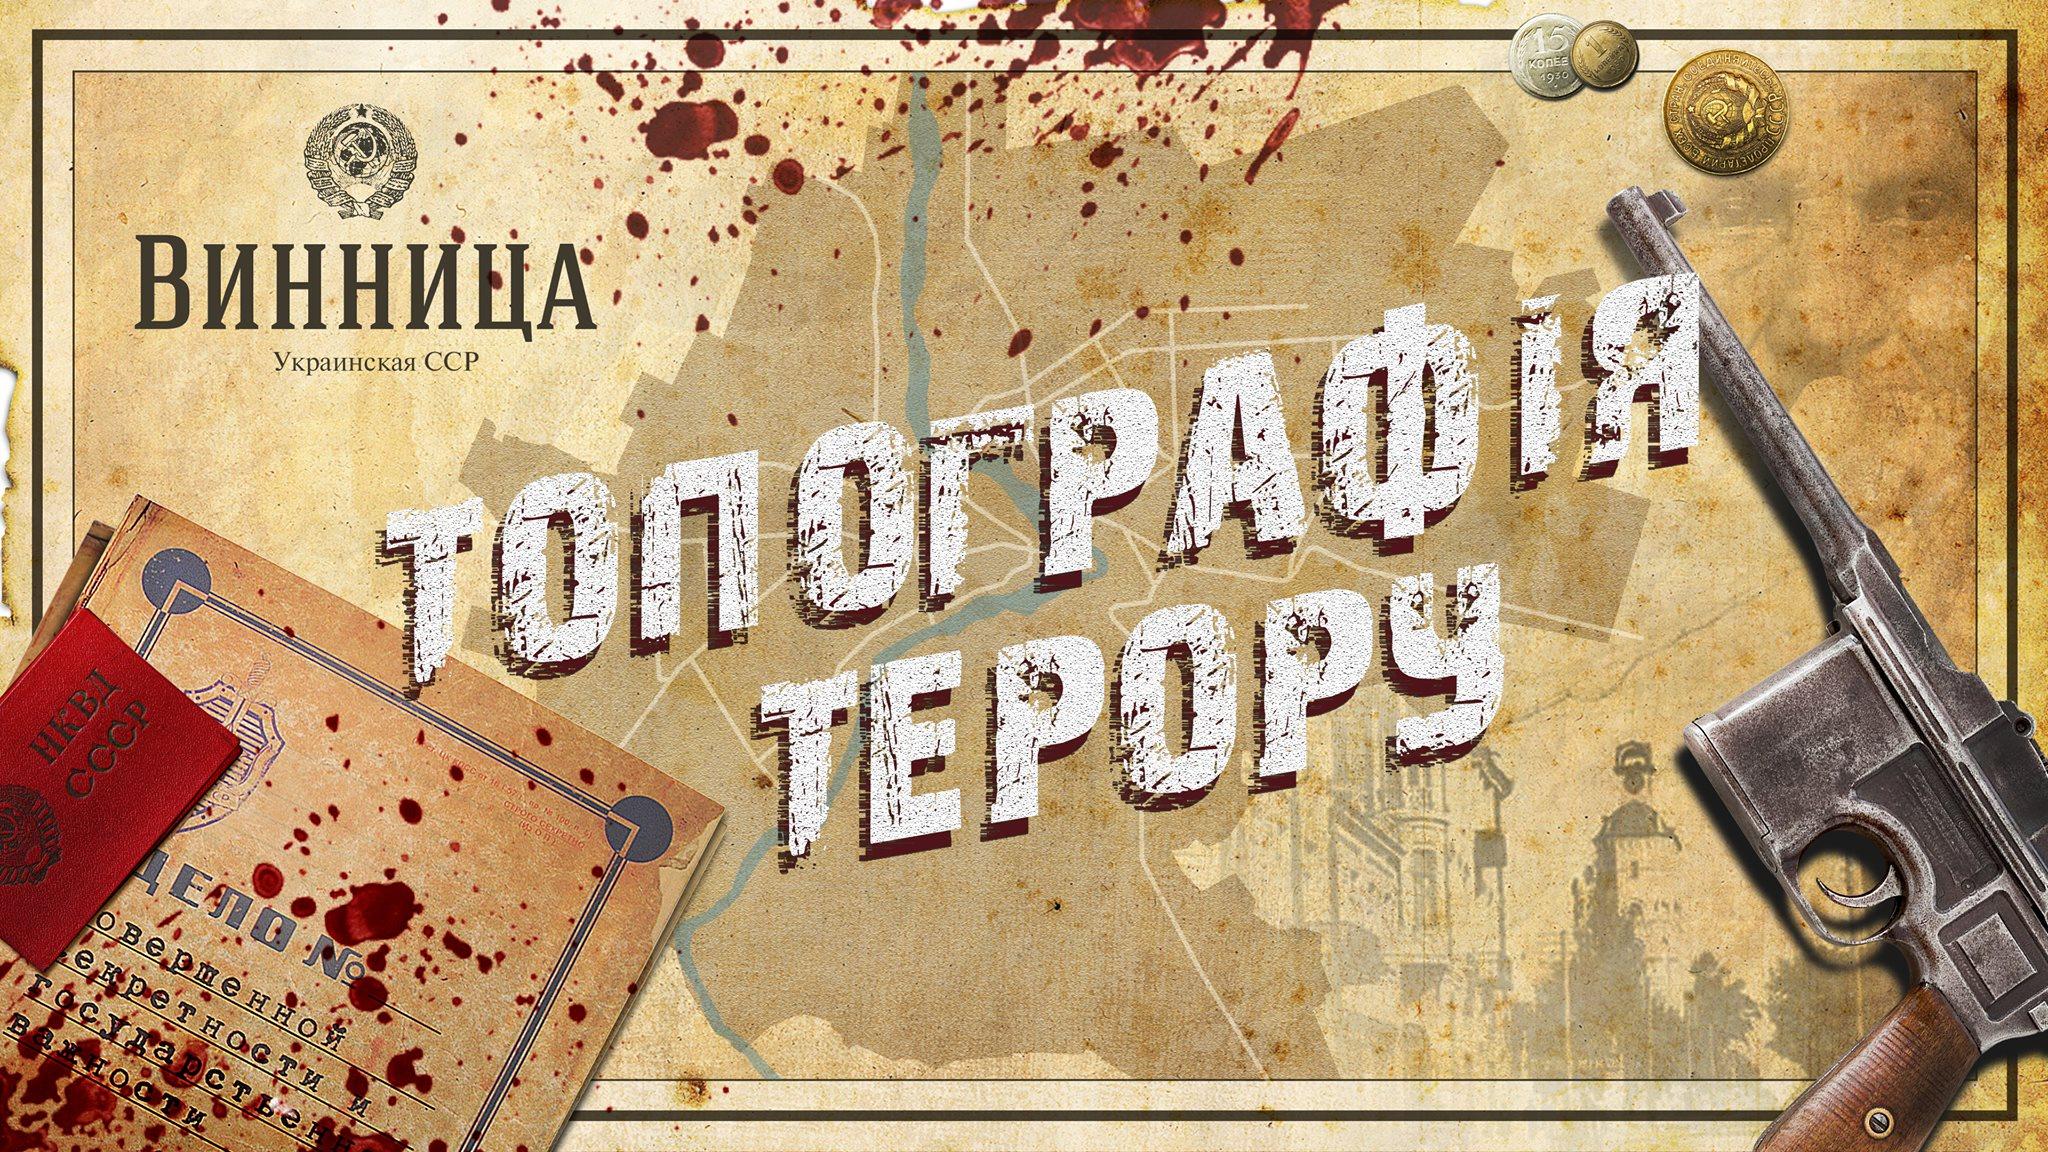 VежА опублікувала в мережі повний фільм «Вінниця: топографія терору». ВІДЕО